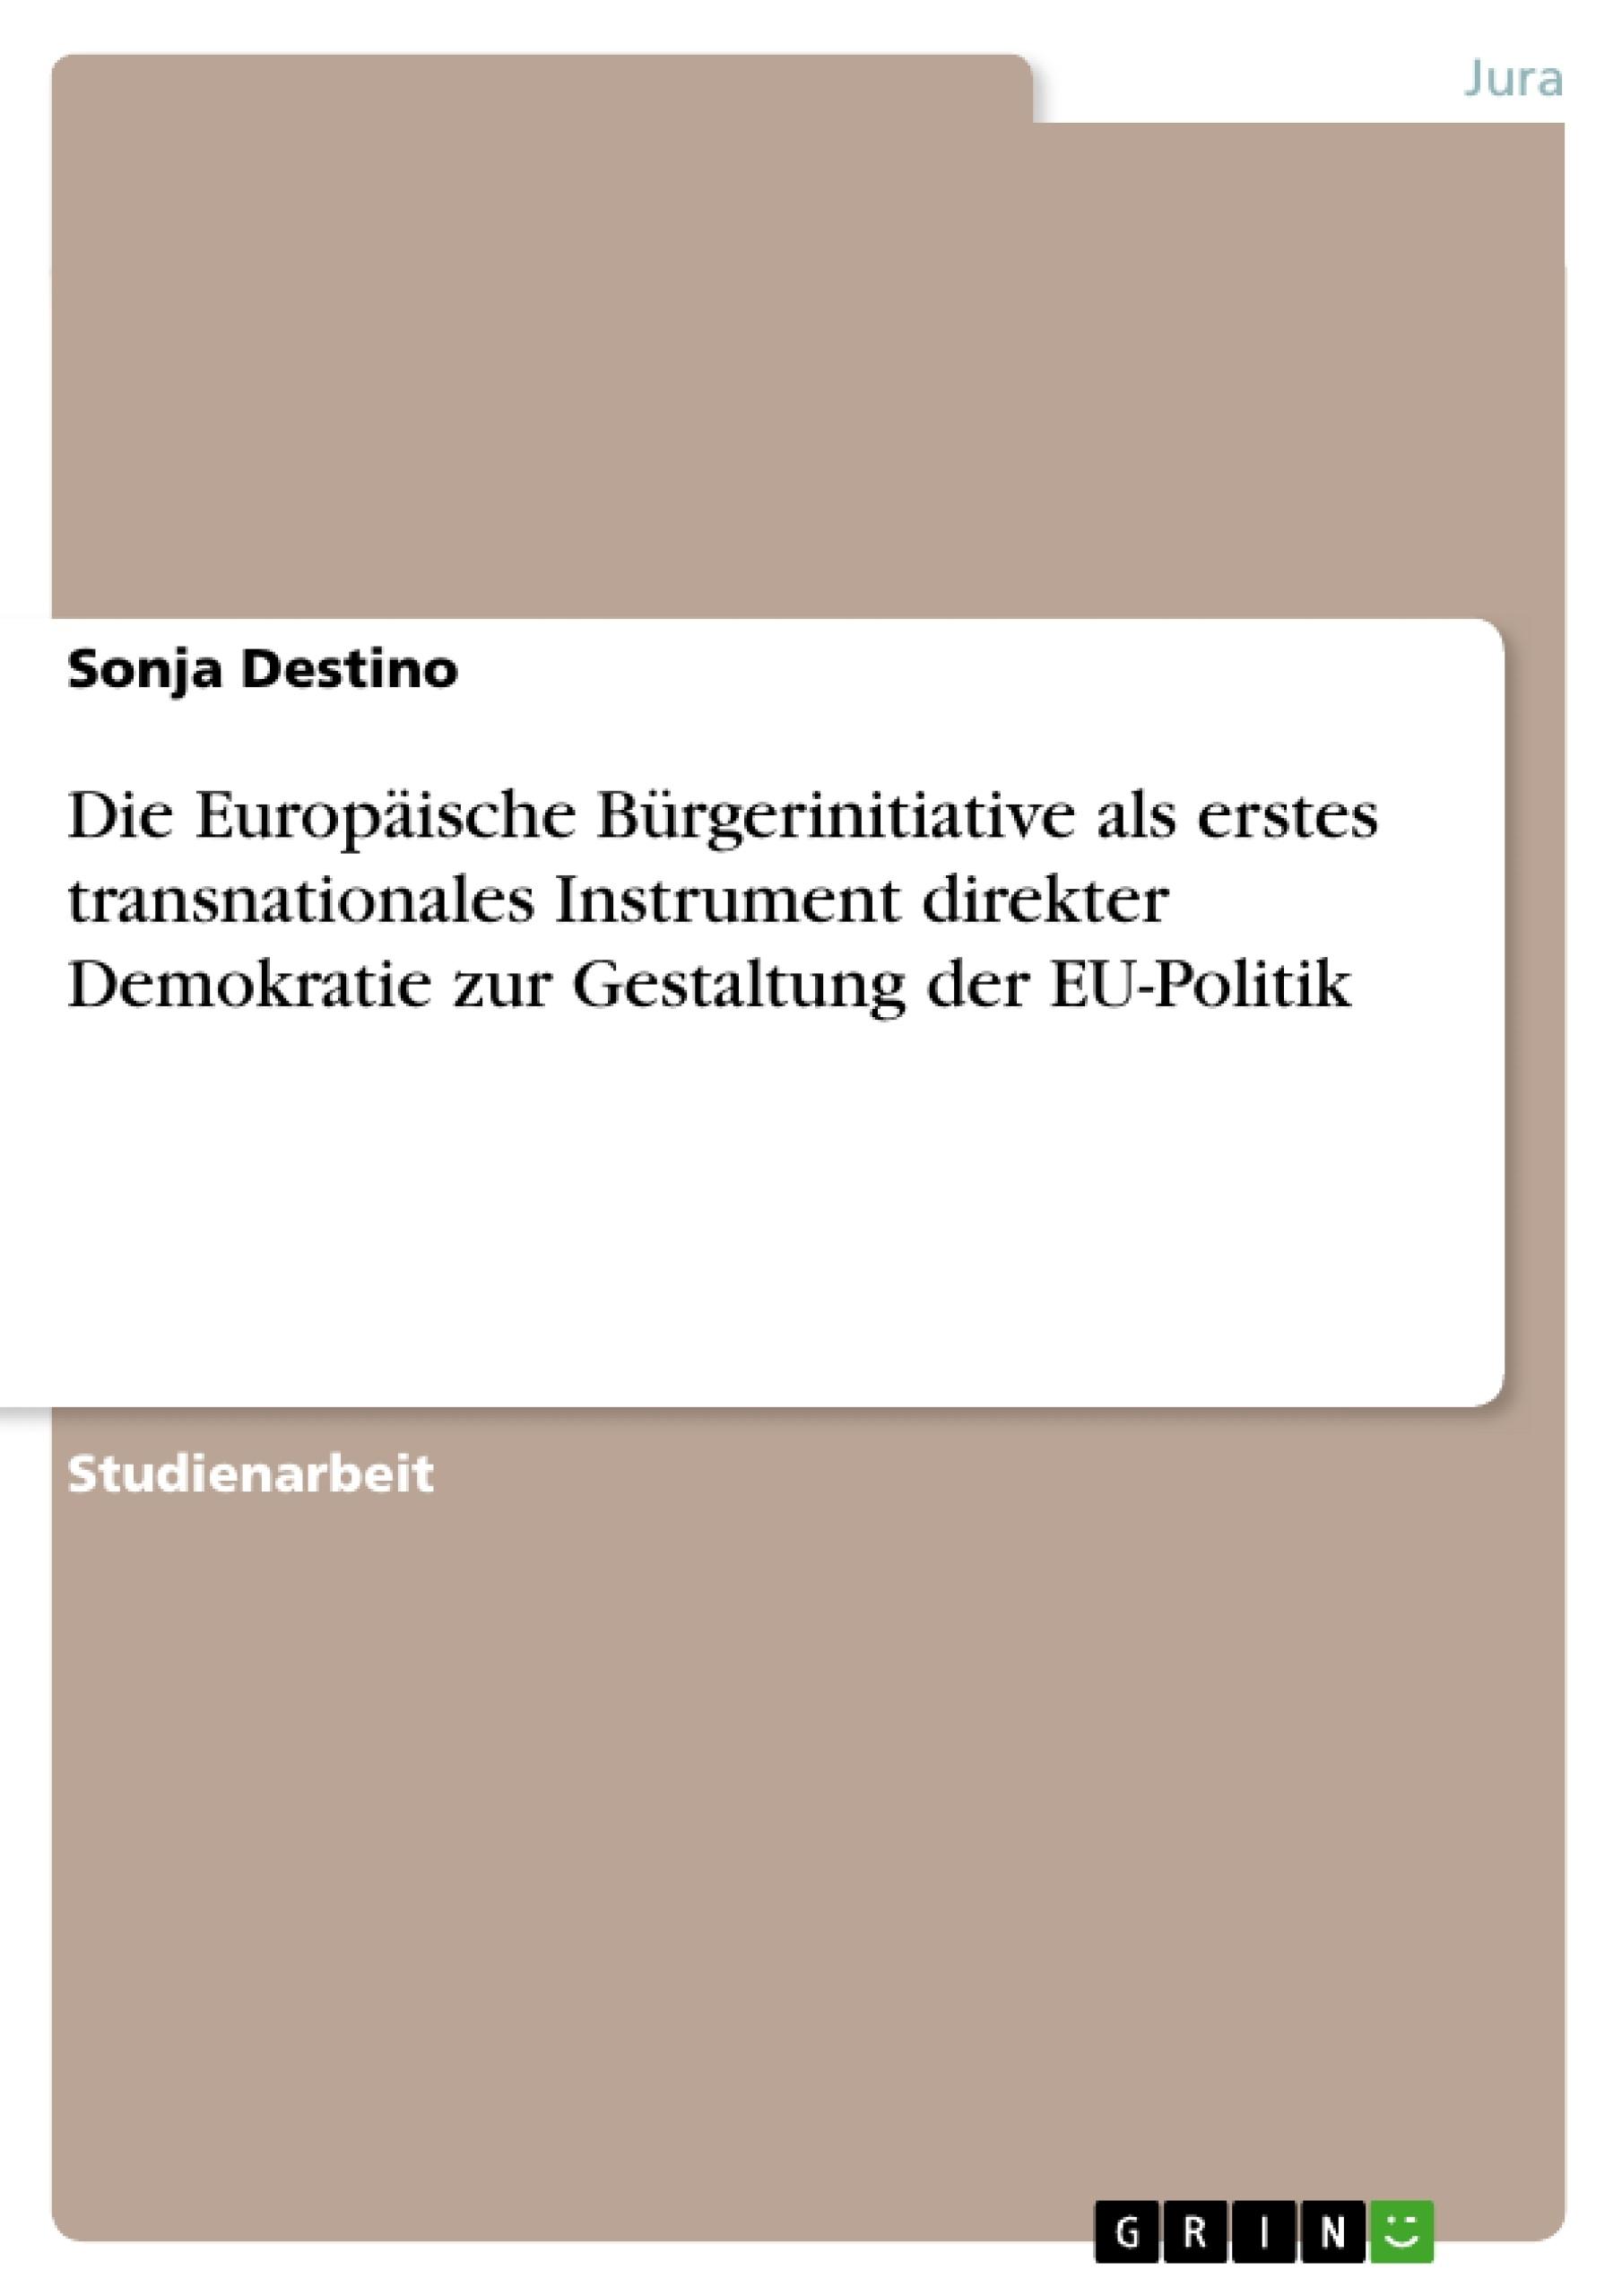 Titel: Die Europäische Bürgerinitiative als erstes transnationales Instrument direkter Demokratie zur Gestaltung der EU-Politik